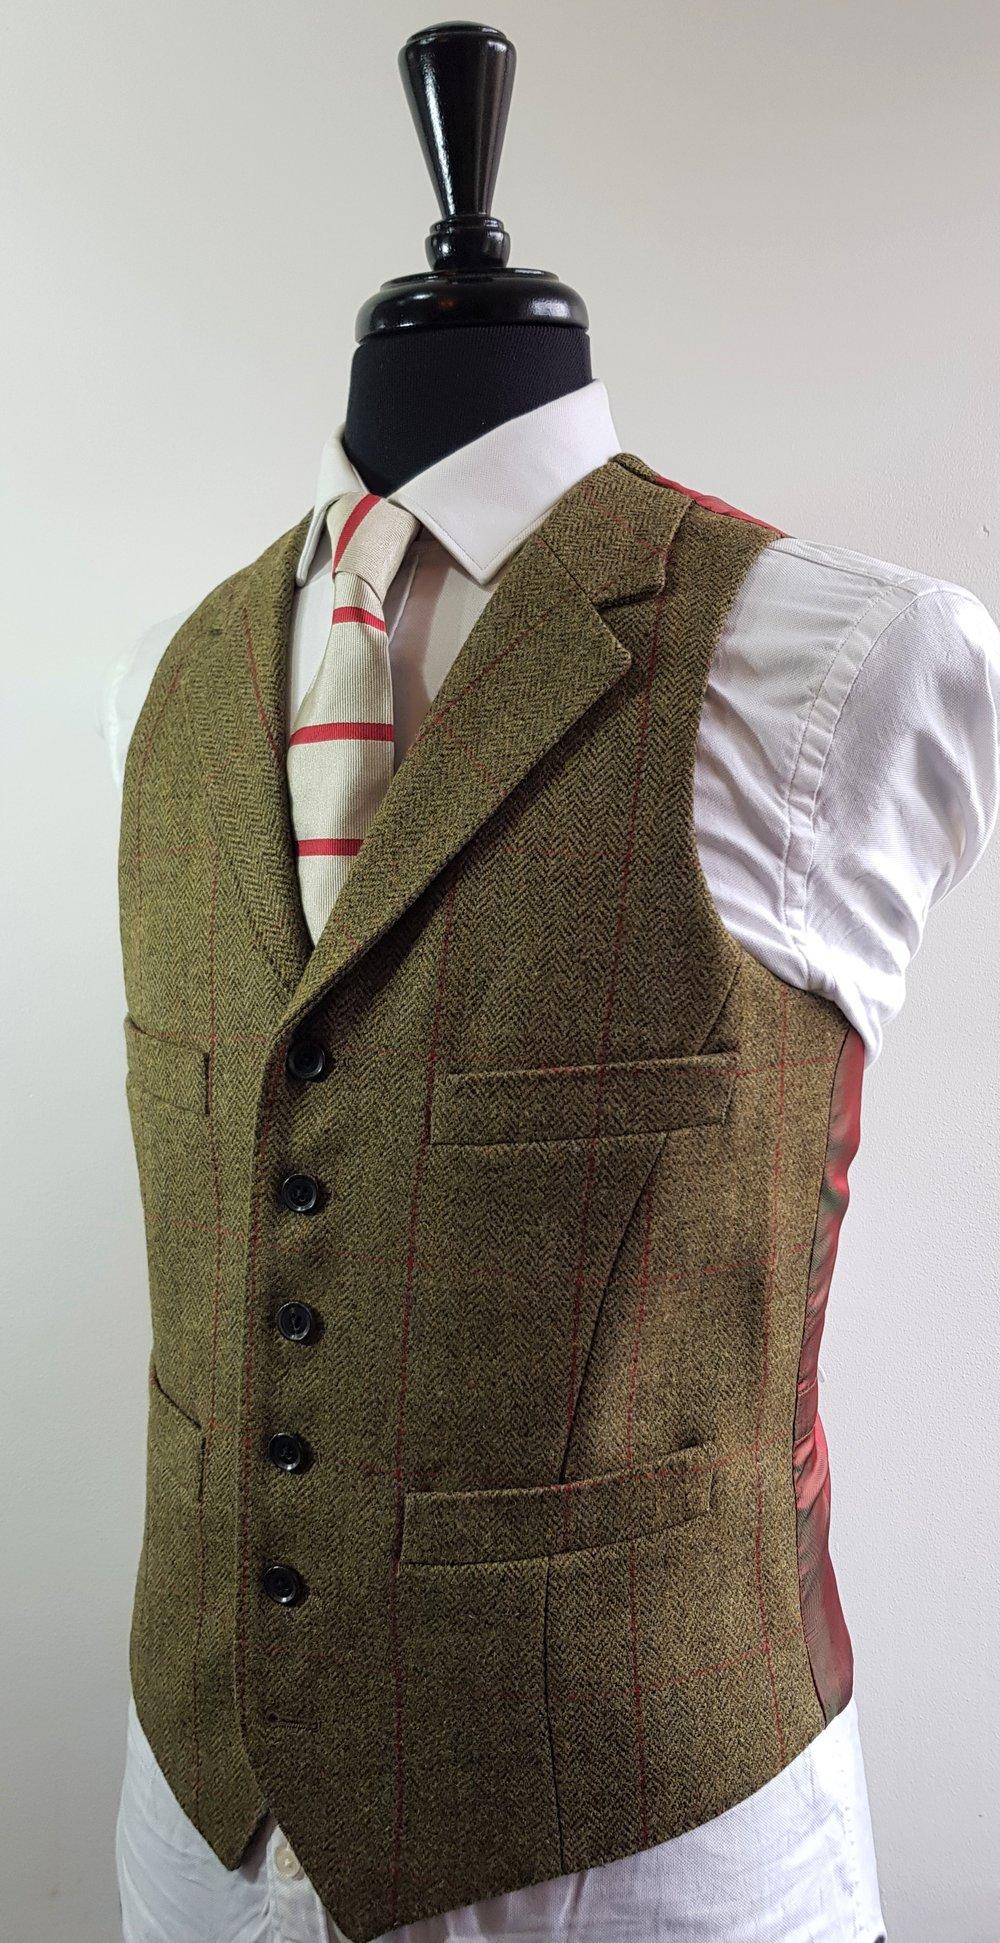 Tweed Jacket and Tweed Waistcoat (4).jpg